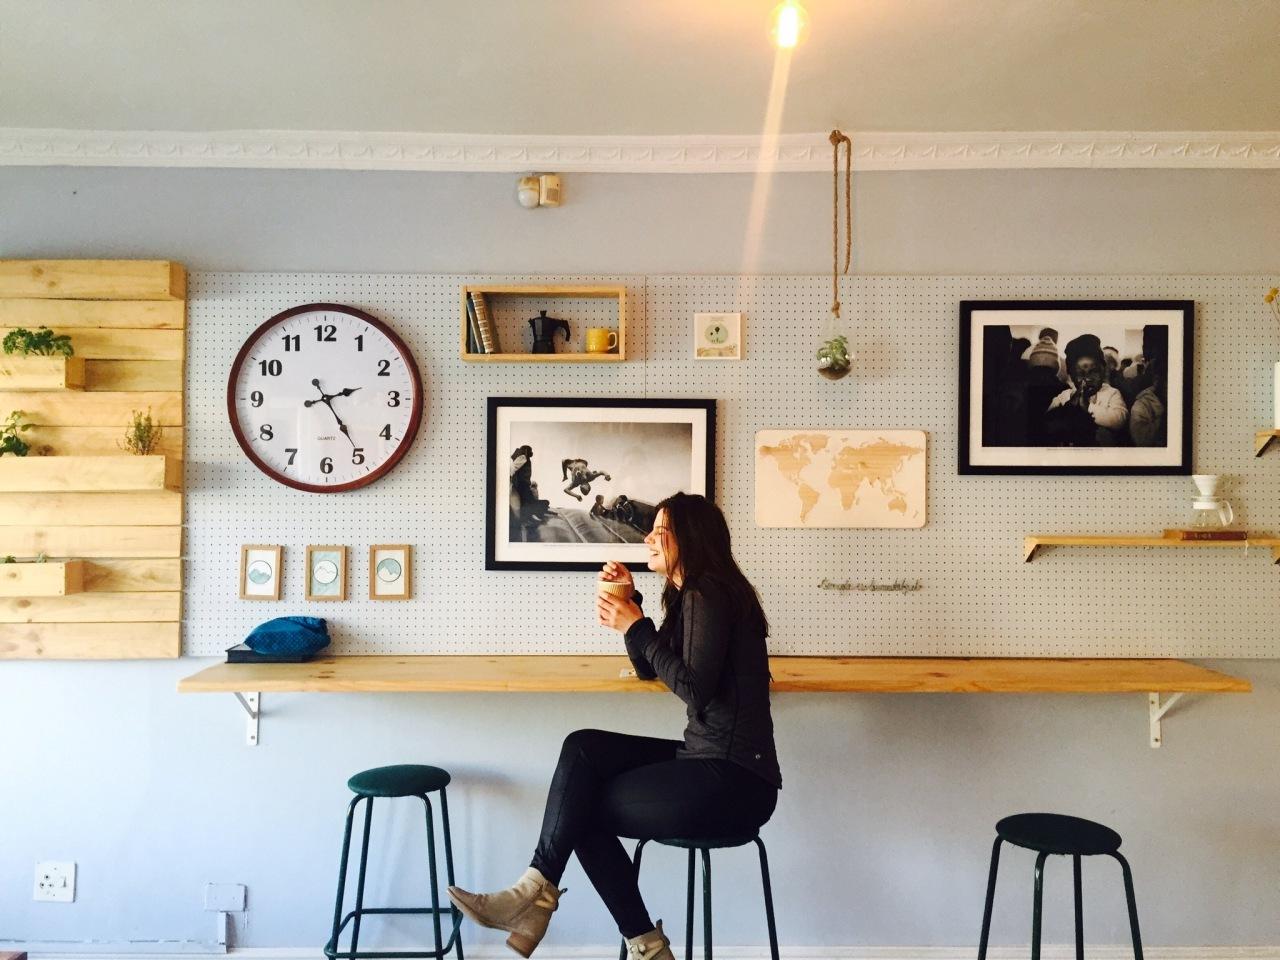 arrugao-blog-cocinillas-el-cafe-como-herramienta-social-foto-3